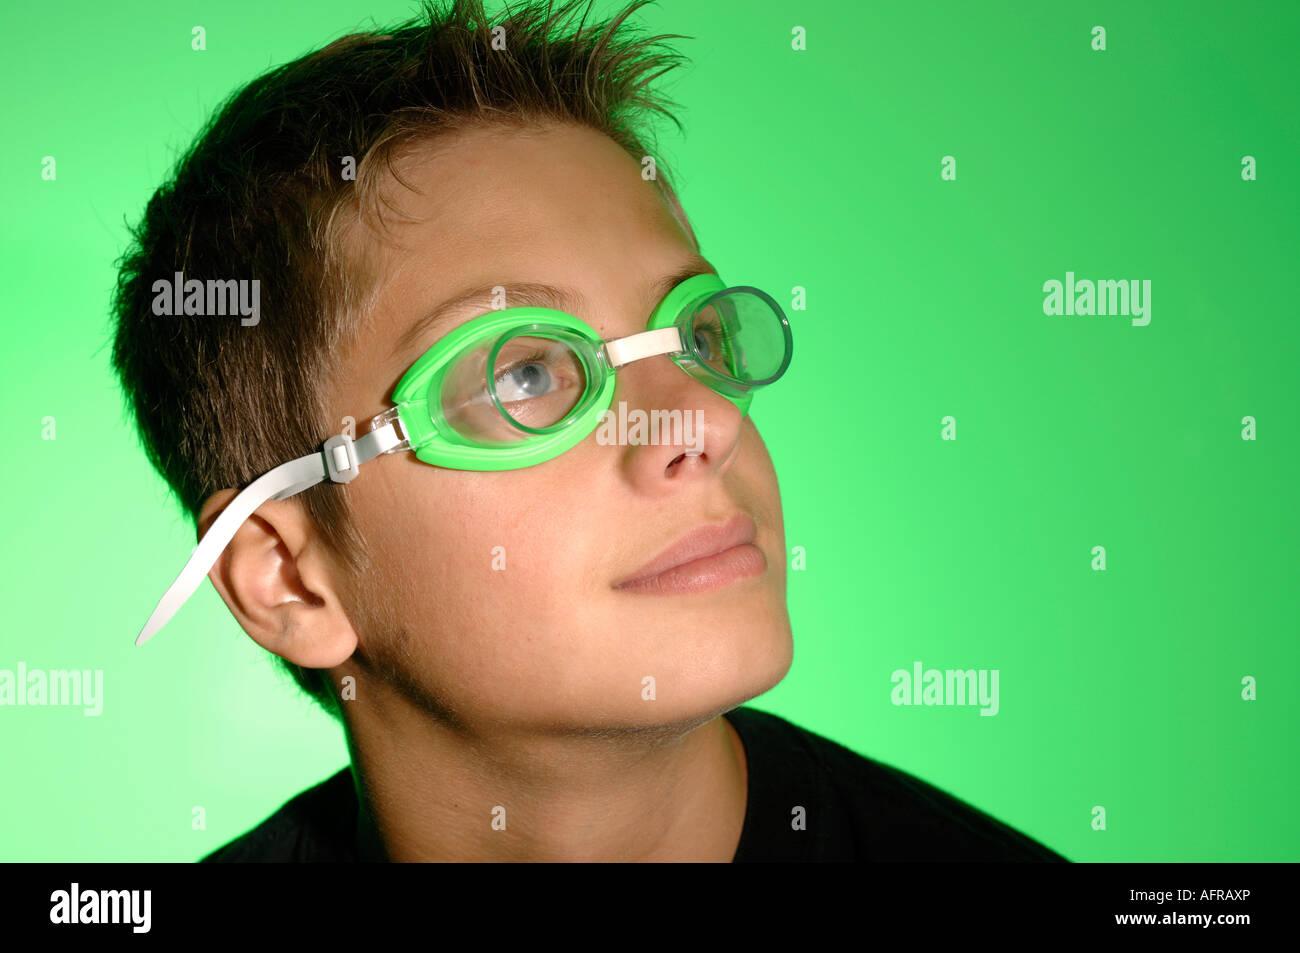 Portrait of a Boy wearing green lunettes de natation Banque D'Images